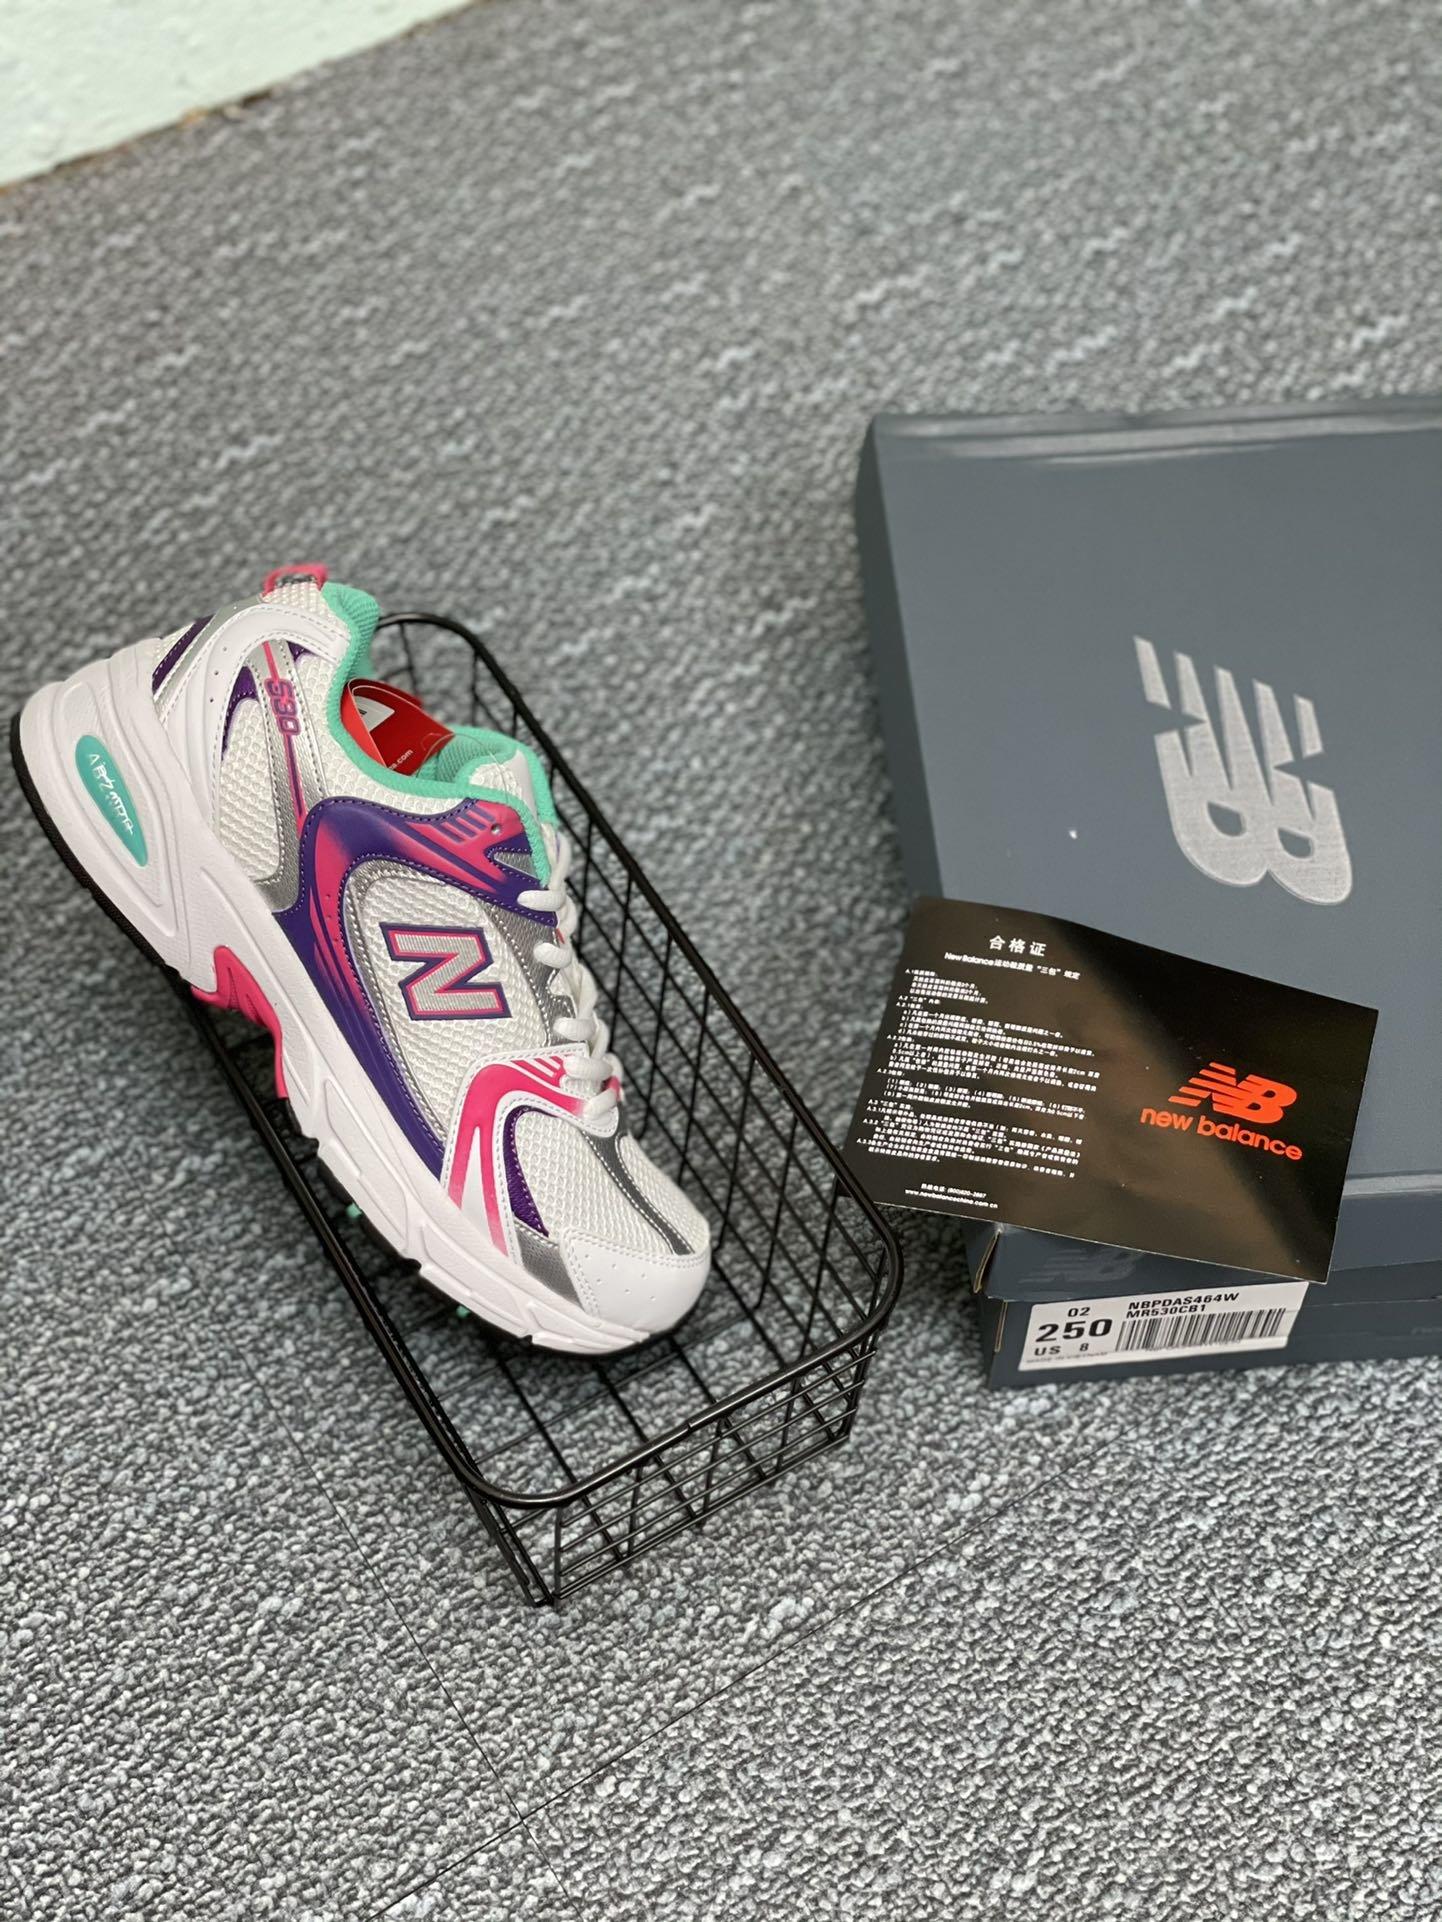 新百伦New Balance 530 复古跑鞋